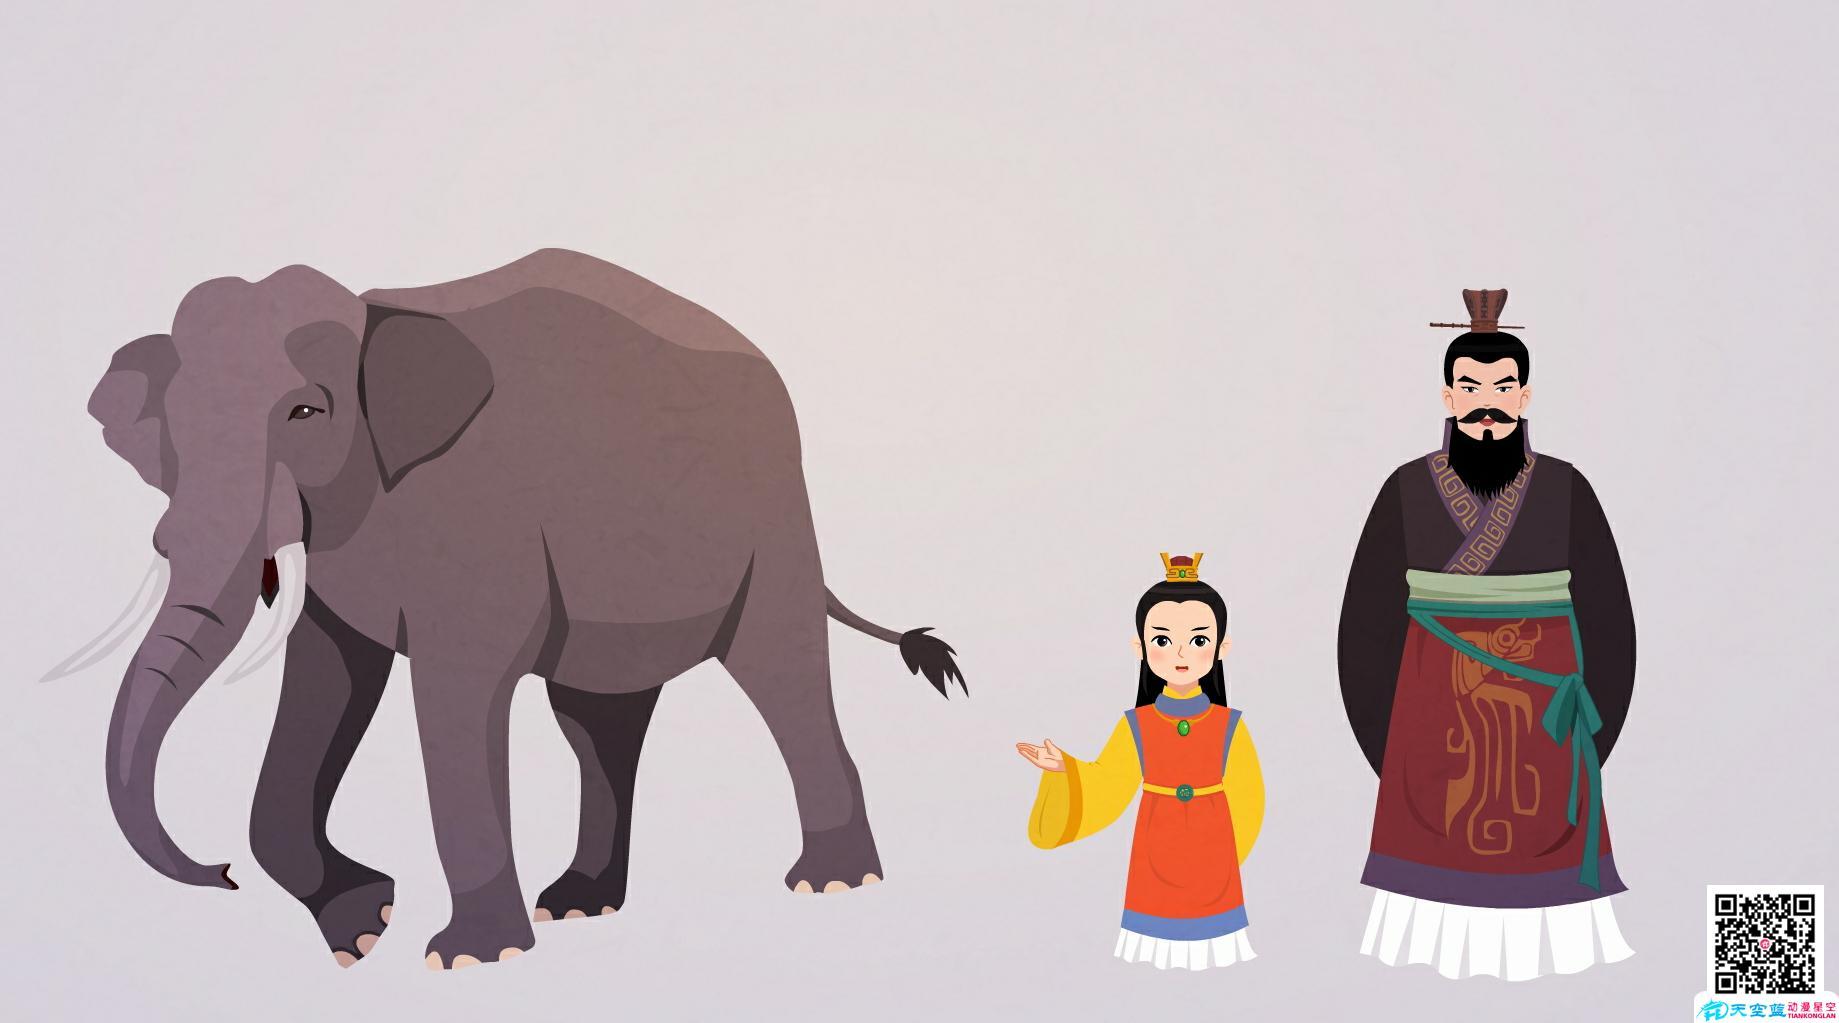 学校教育课件动画制作『曹冲称象』成功在于那些原则呢?